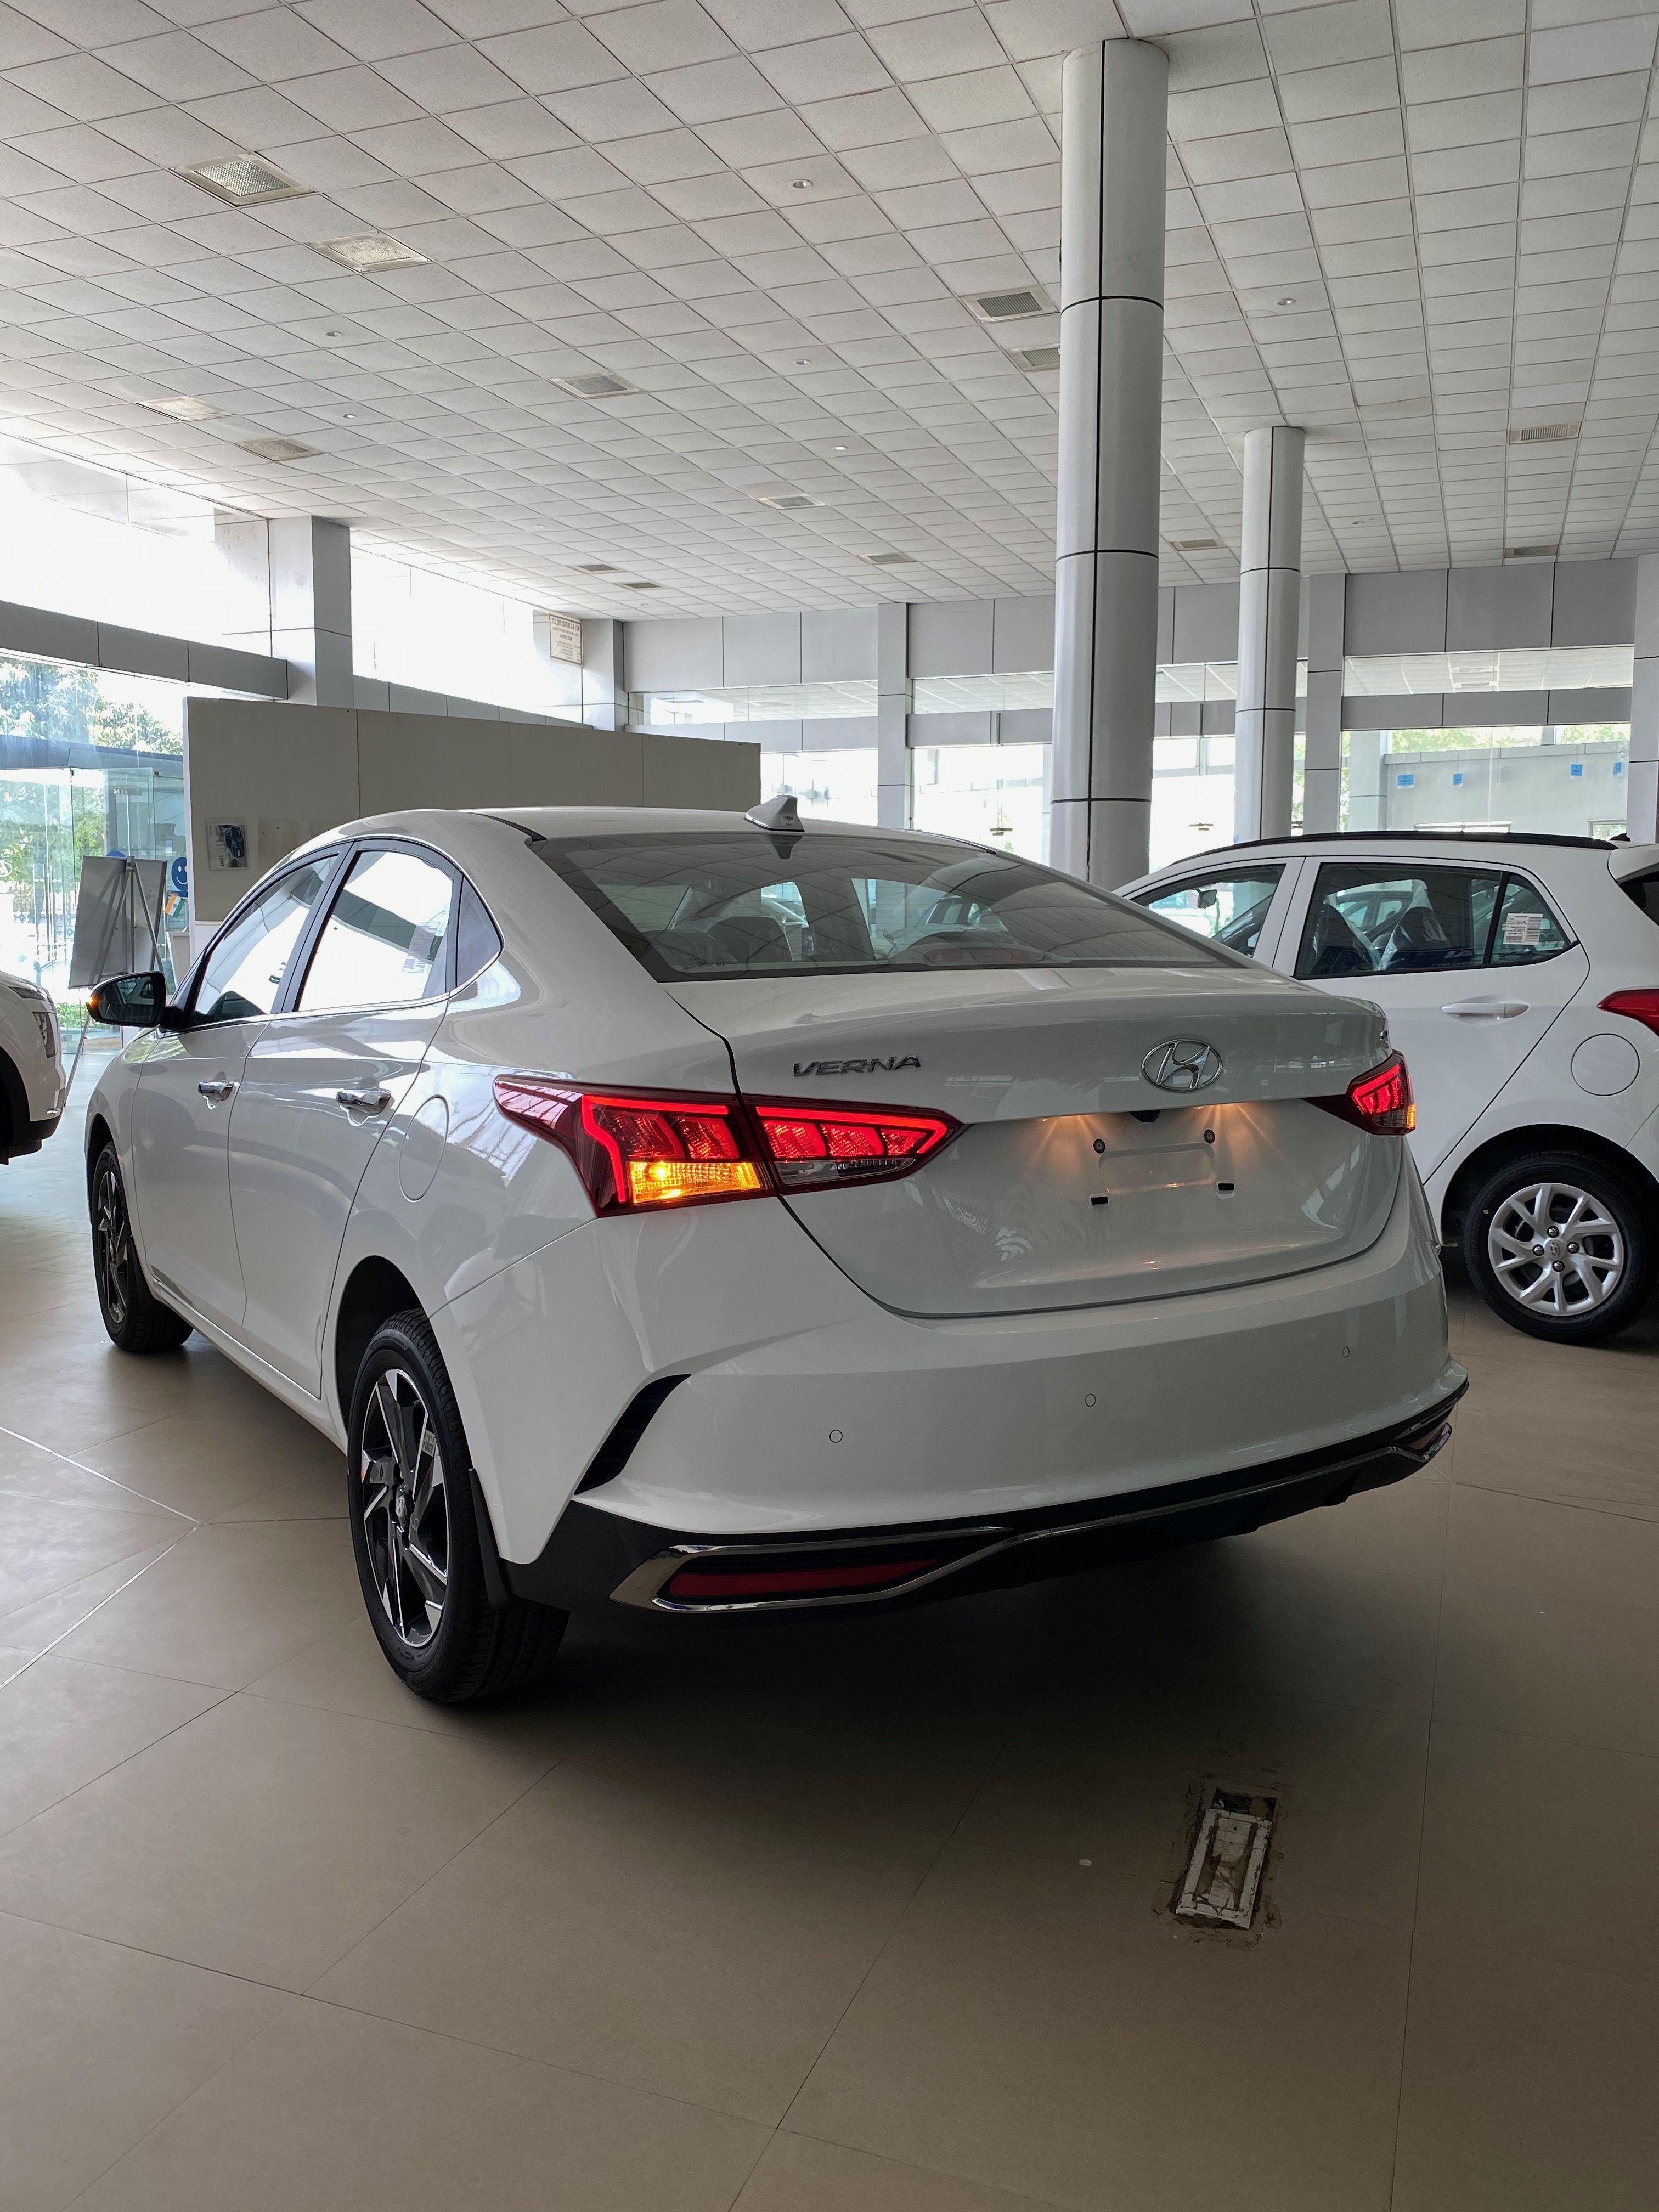 Hyundai Verna Sx O 2020 16 Lakh Real Life Review In 2020 Hyundai Hyundai Accent Hyundai Motor